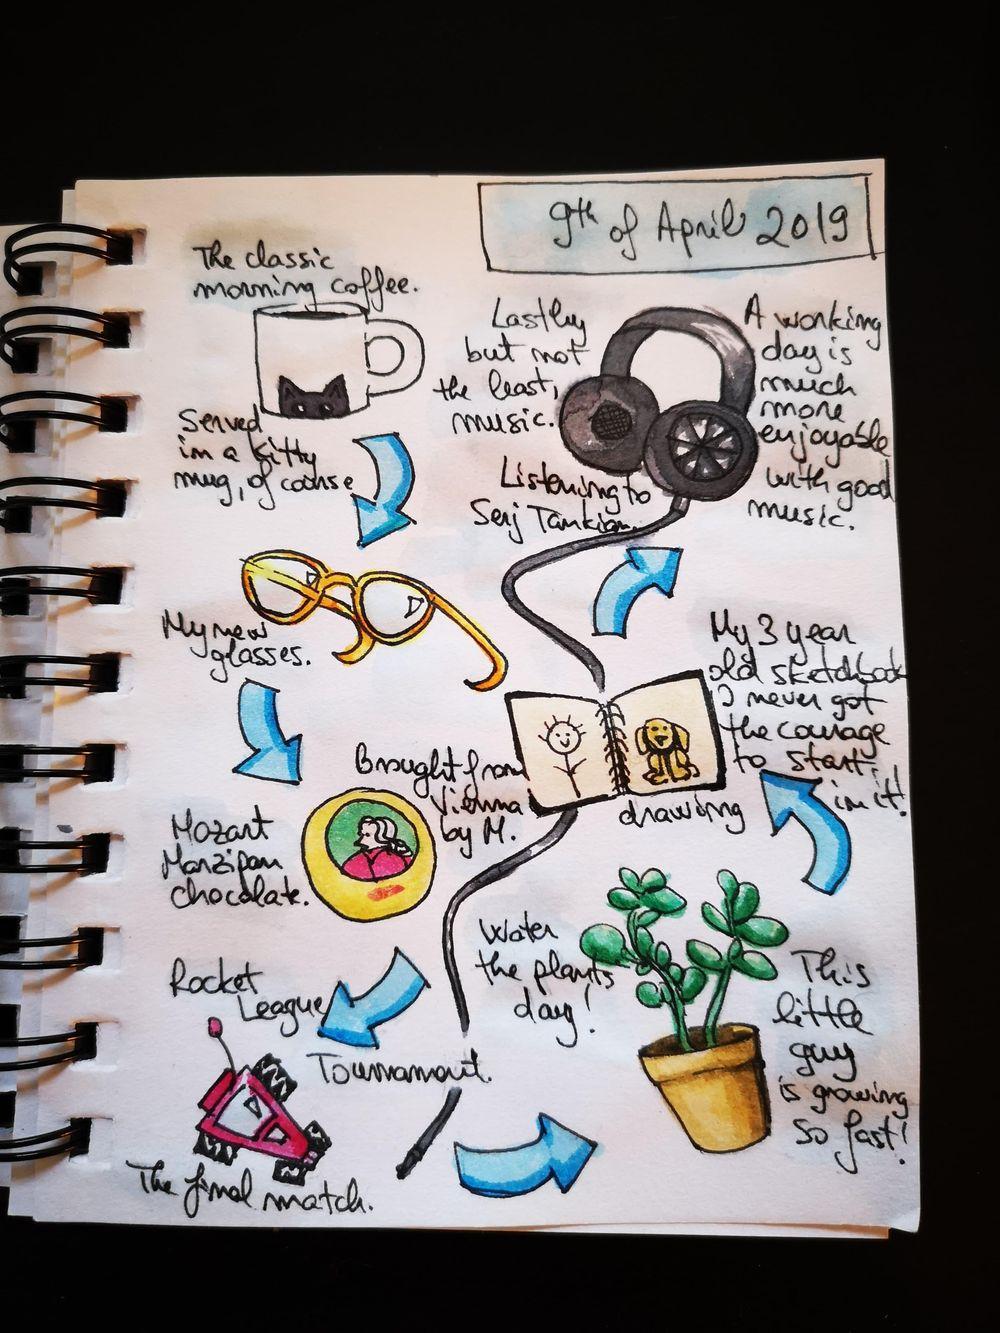 Sketchbook journal - image 1 - student project